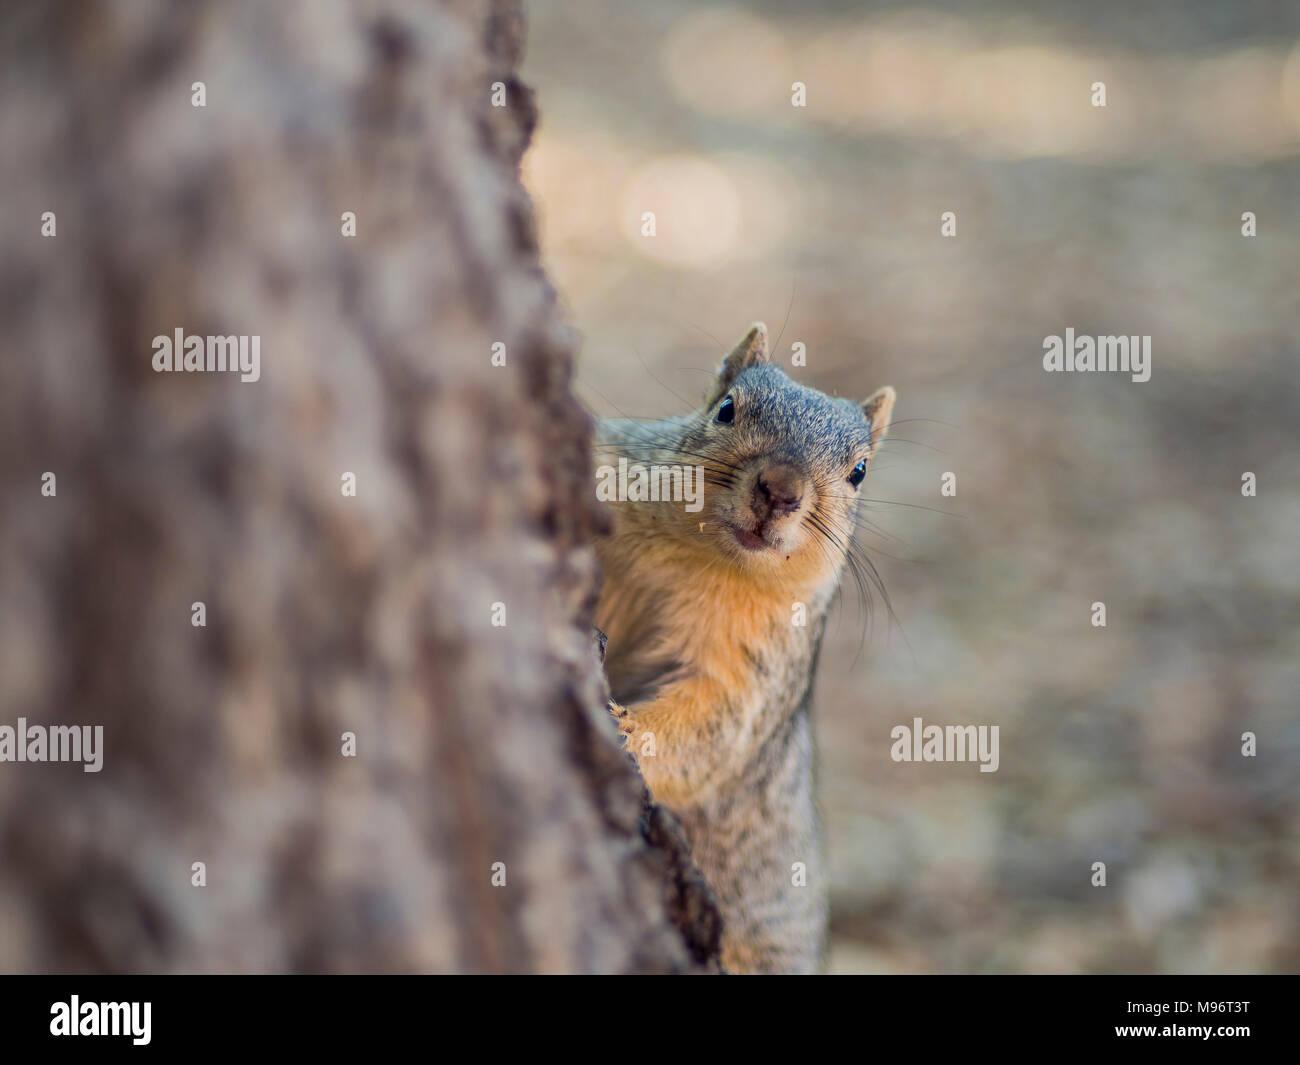 Nahaufnahme von einem niedlichen Eichhörnchen, Foto fand in Los Angeles Stockbild